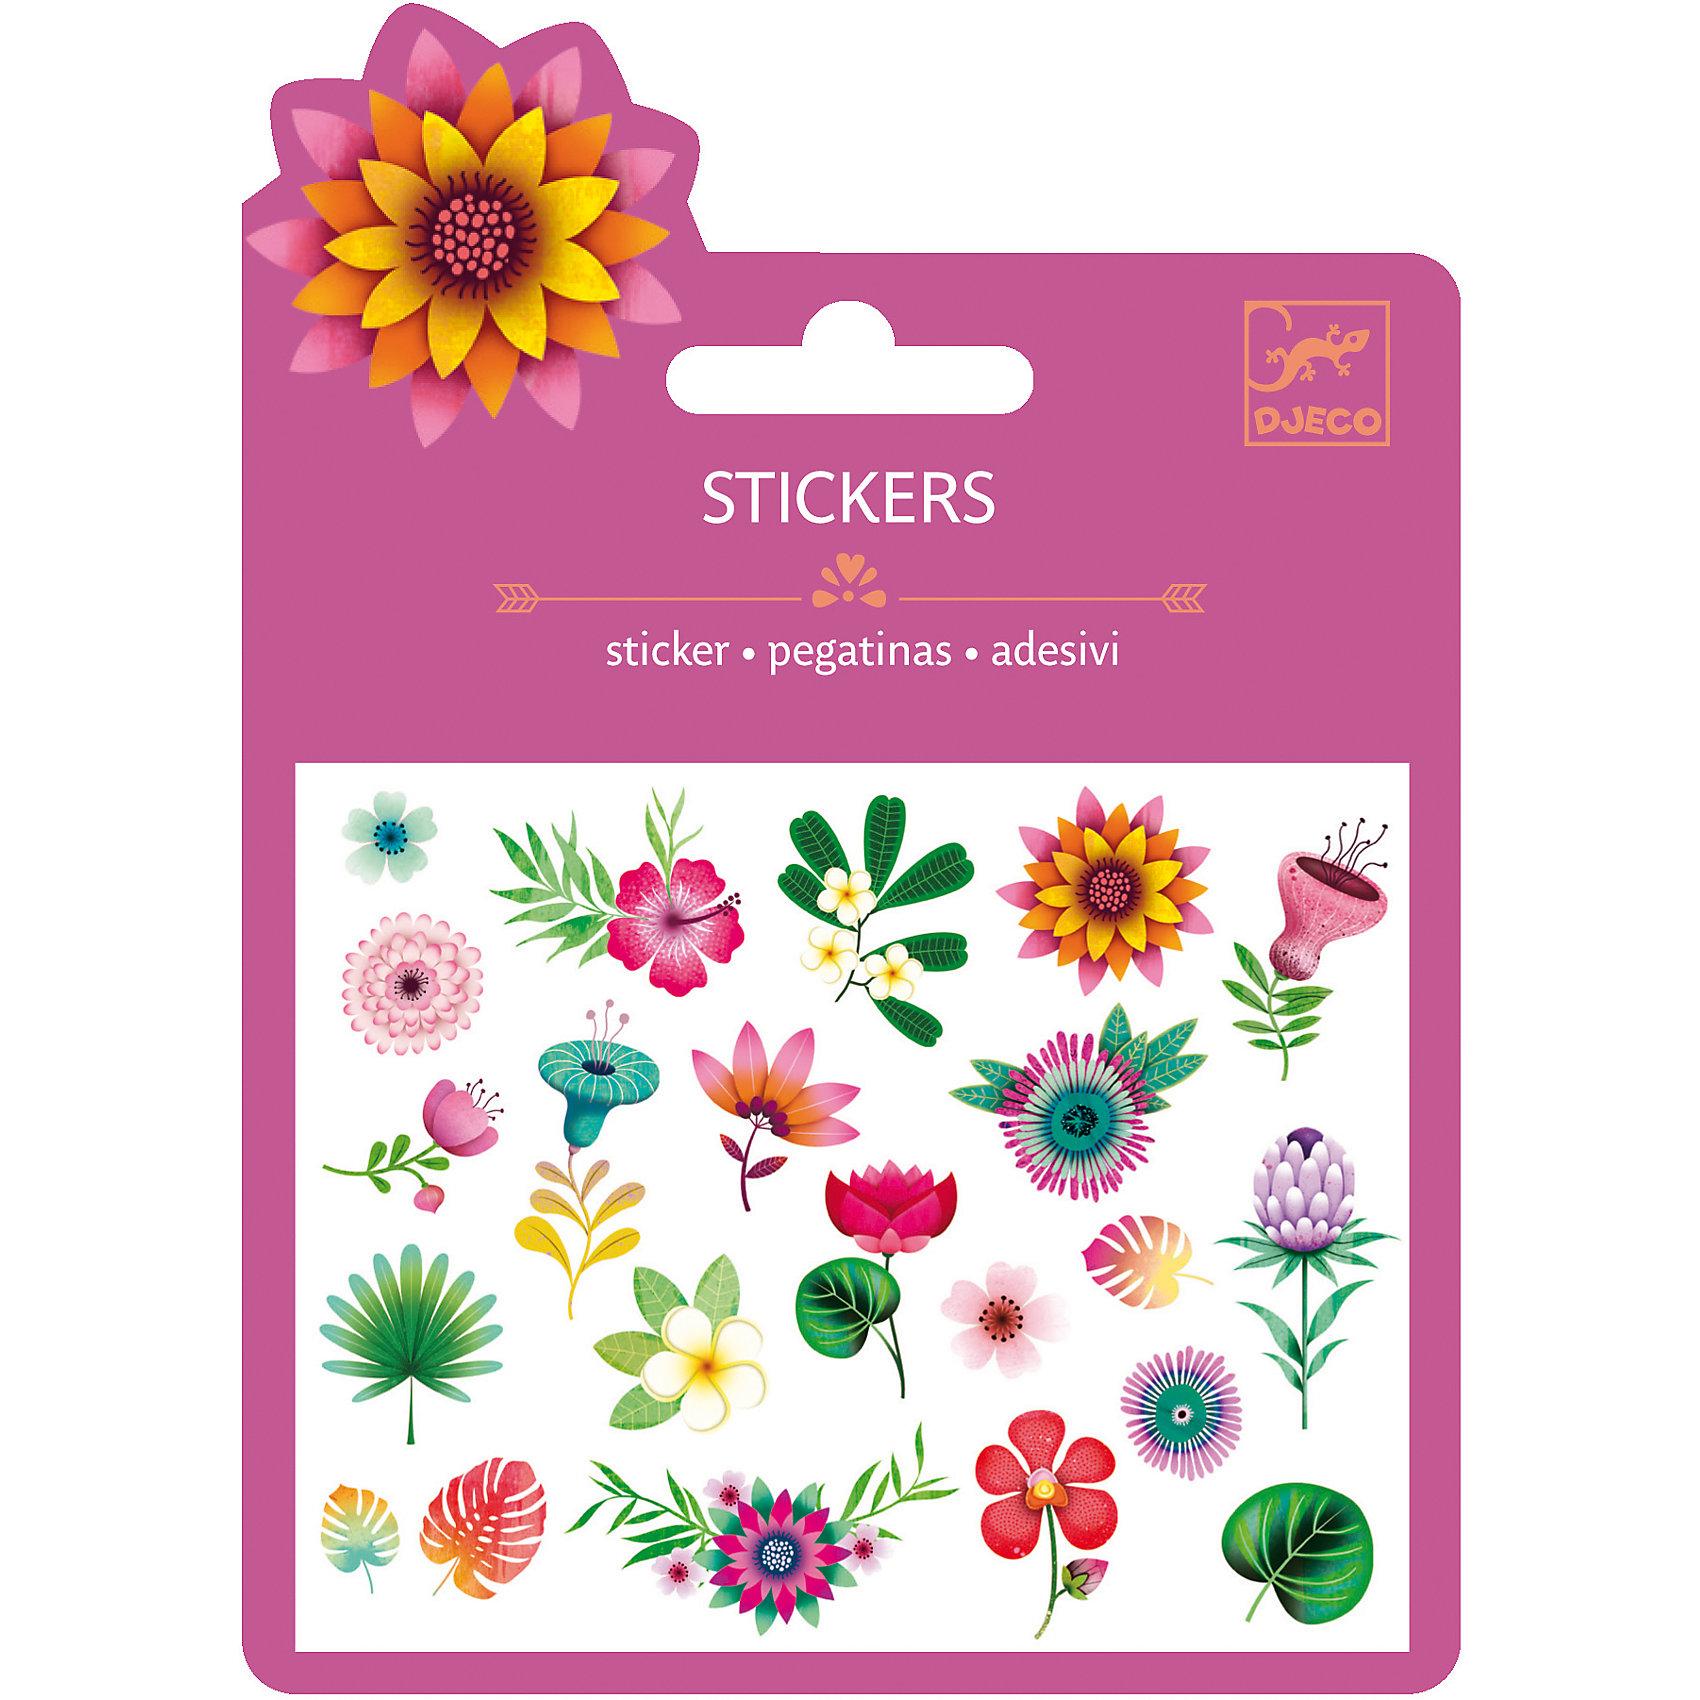 Наклейки Тропические цветы, DJECOКнижки с наклейками<br>Характеристики наклейки Тропические цветы:<br><br>• возраст: от 3 лет<br>• пол: для девочек <br>• комплект: 1 лист с наклейками.<br>• состав: бумага, клей.<br>• размер упаковки: 11.5 х 15.5 см.<br>• упаковка: картонная конверт.<br>• бренд: Djeco<br>• страна обладатель бренда: Франция.<br><br>Набор наклеек Тропические цветы от бренда Djeco поможет оригинально украсить тетрадь, блокнот, дневник и другие школьные принадлежности. Для выбора доступны изображения цветов различных раскрасок и форм, произрастающих тропическим солнцем. Наклейки надежно приклеиваются к поверхности выдерживают долгую эксплуатацию.<br><br>Наклейки Тропические цветы торговой марки Djeco (Джеко) можно купить в нашем интернет-магазине.<br><br>Ширина мм: 110<br>Глубина мм: 153<br>Высота мм: 1<br>Вес г: 8<br>Возраст от месяцев: 36<br>Возраст до месяцев: 2147483647<br>Пол: Женский<br>Возраст: Детский<br>SKU: 5448843